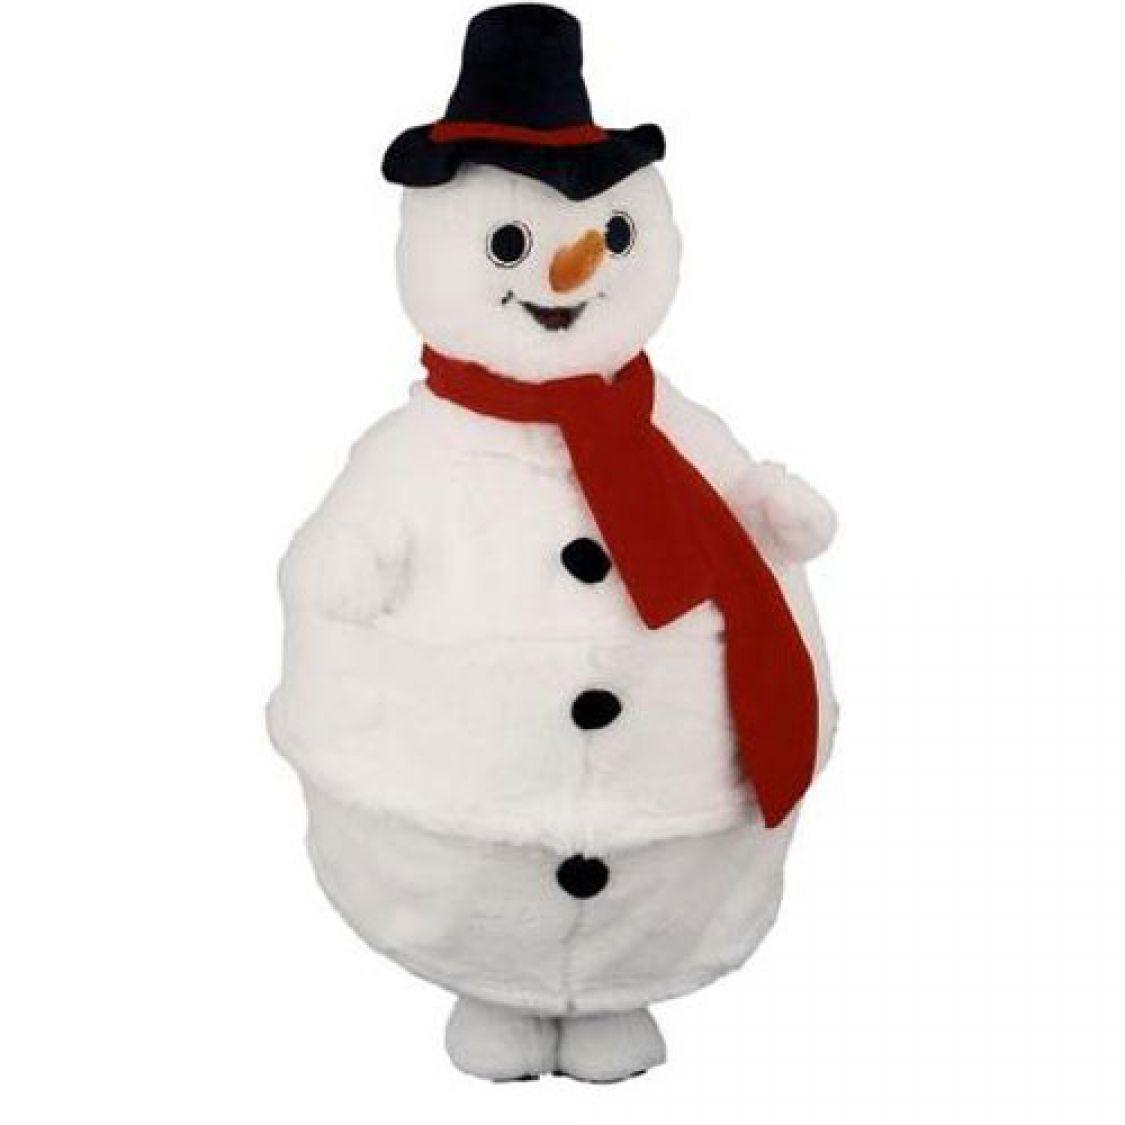 D guisement mascotte bonhomme de neige - Bonhomme de neige polystyrene ...